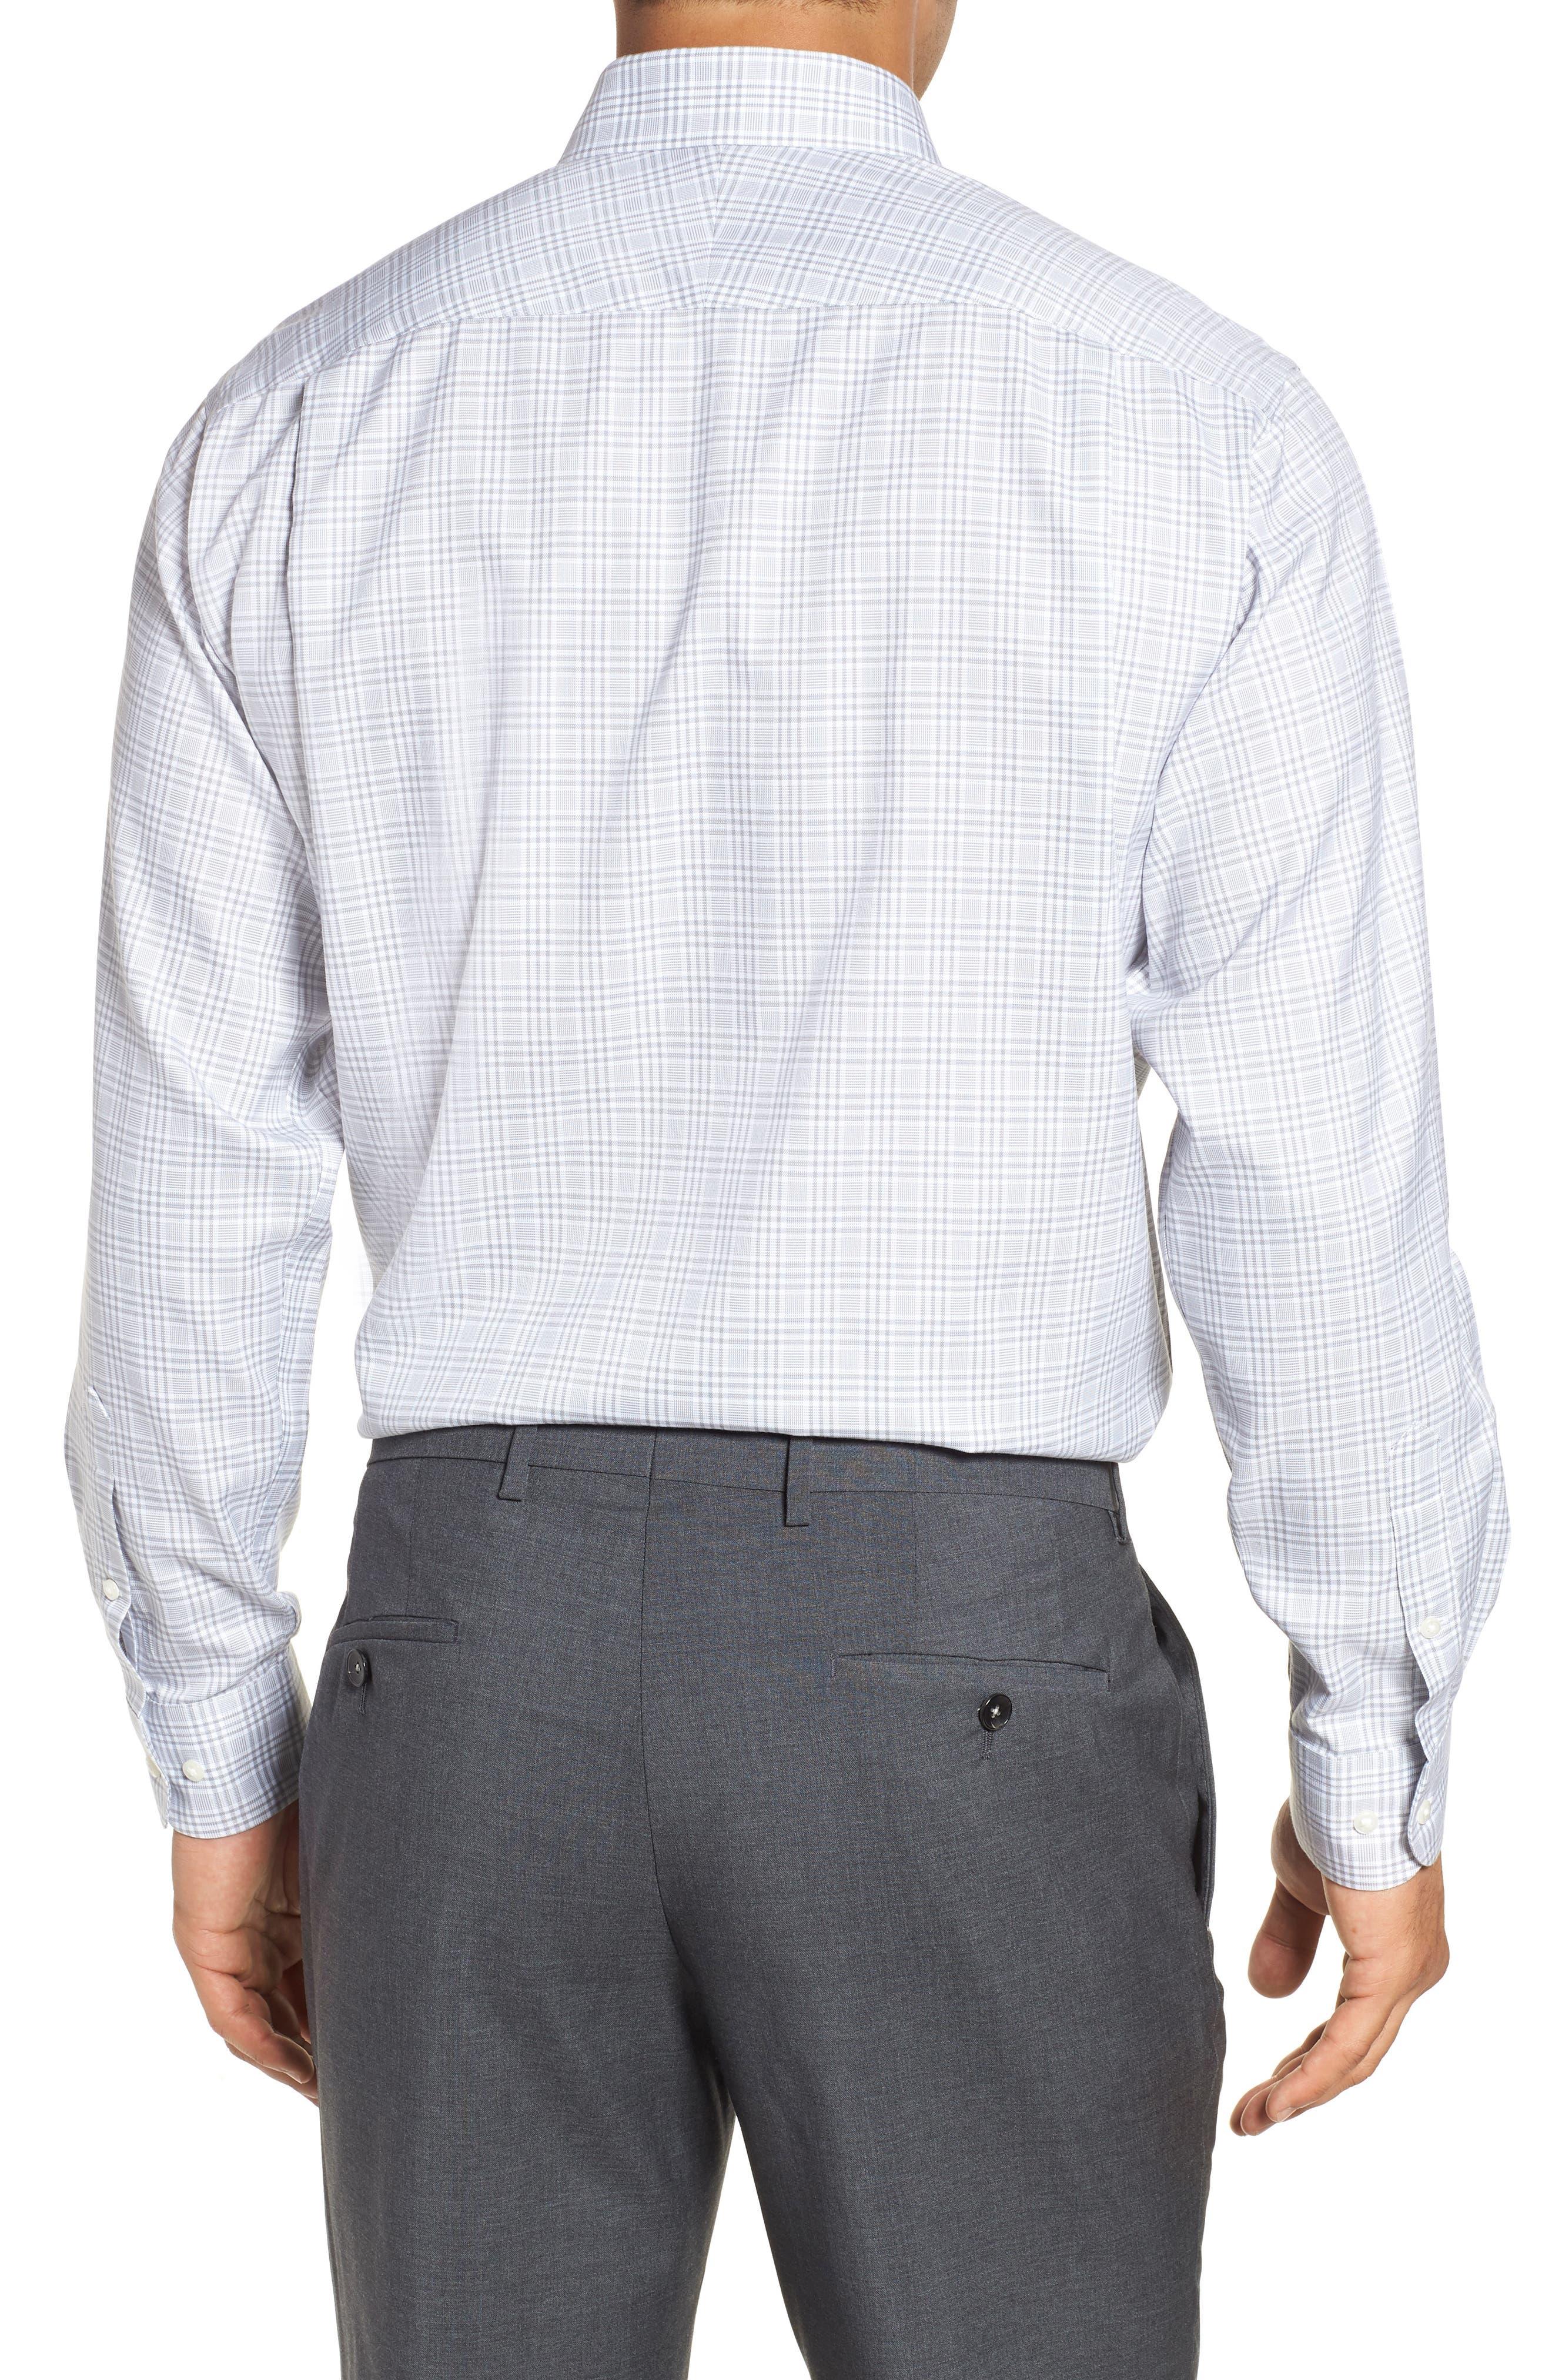 Smartcare<sup>™</sup> Classic Fit Plaid Dress Shirt,                             Alternate thumbnail 3, color,                             050